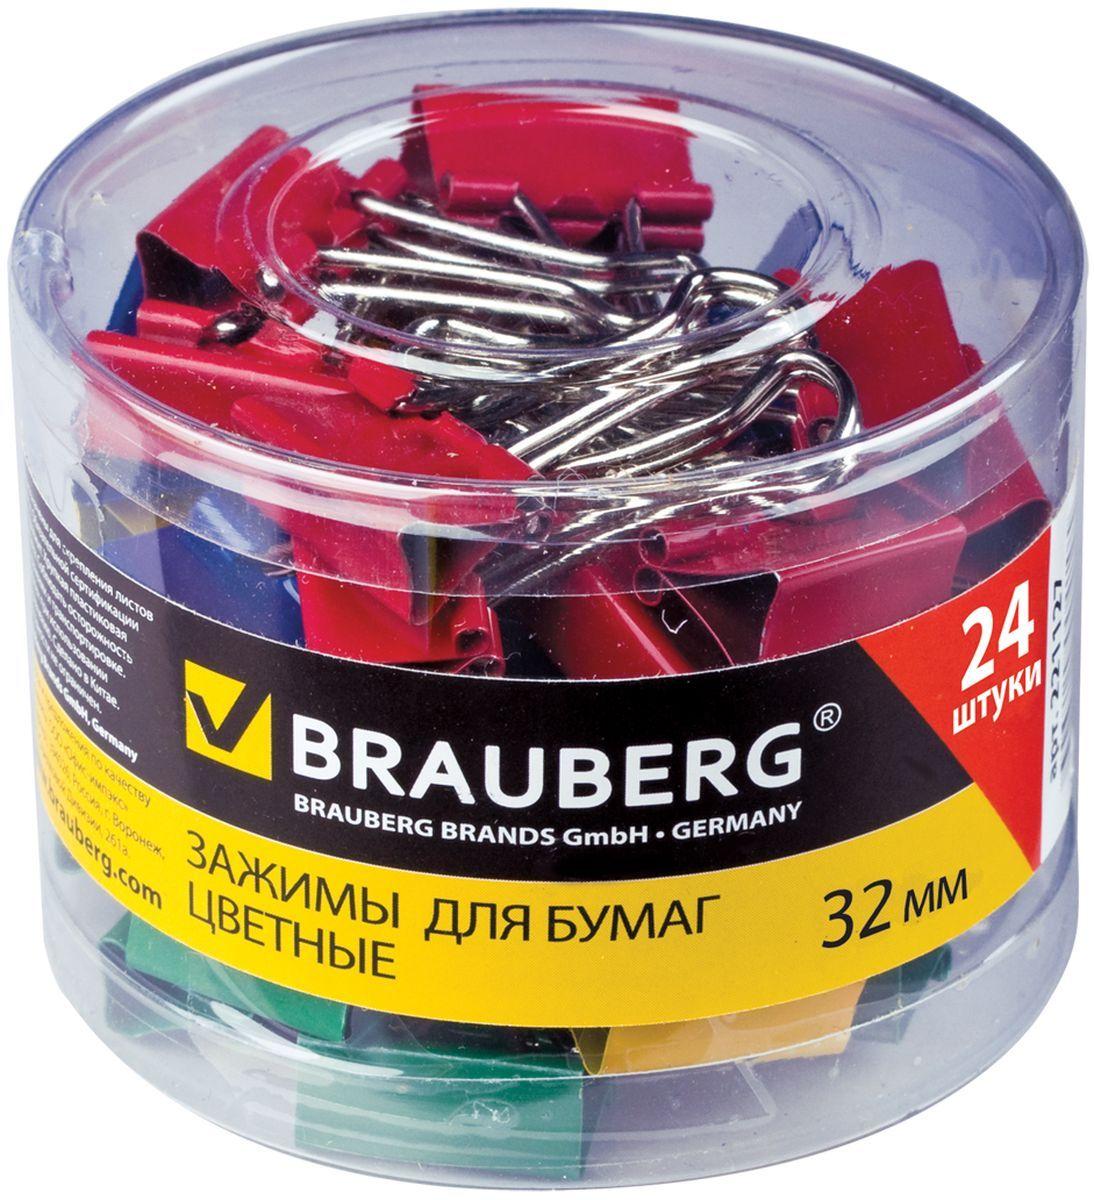 Brauberg Зажим для бумаг 32 мм 24 шт221129Зажимы для бумаг Brauberg предназначены для скрепления документов без использования степлера. Практичны и удобны в использовании. Скрепляют до 140 листов.